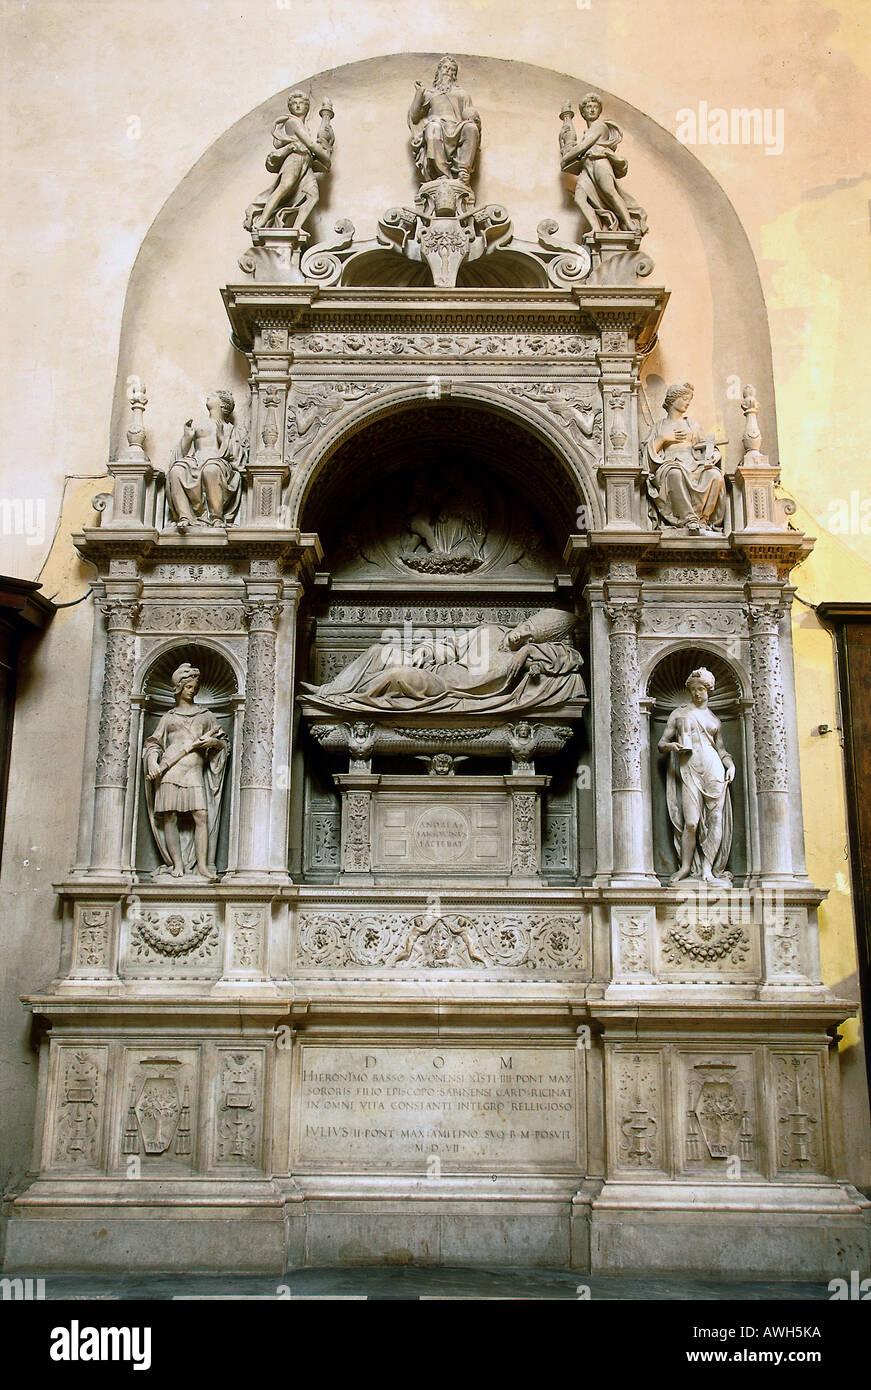 Roma, Santa Maria del Popolo, las tumbas de los Cardenales Ascanio Sforza y Girolamo Basso cardenal Della RovereFoto de stock